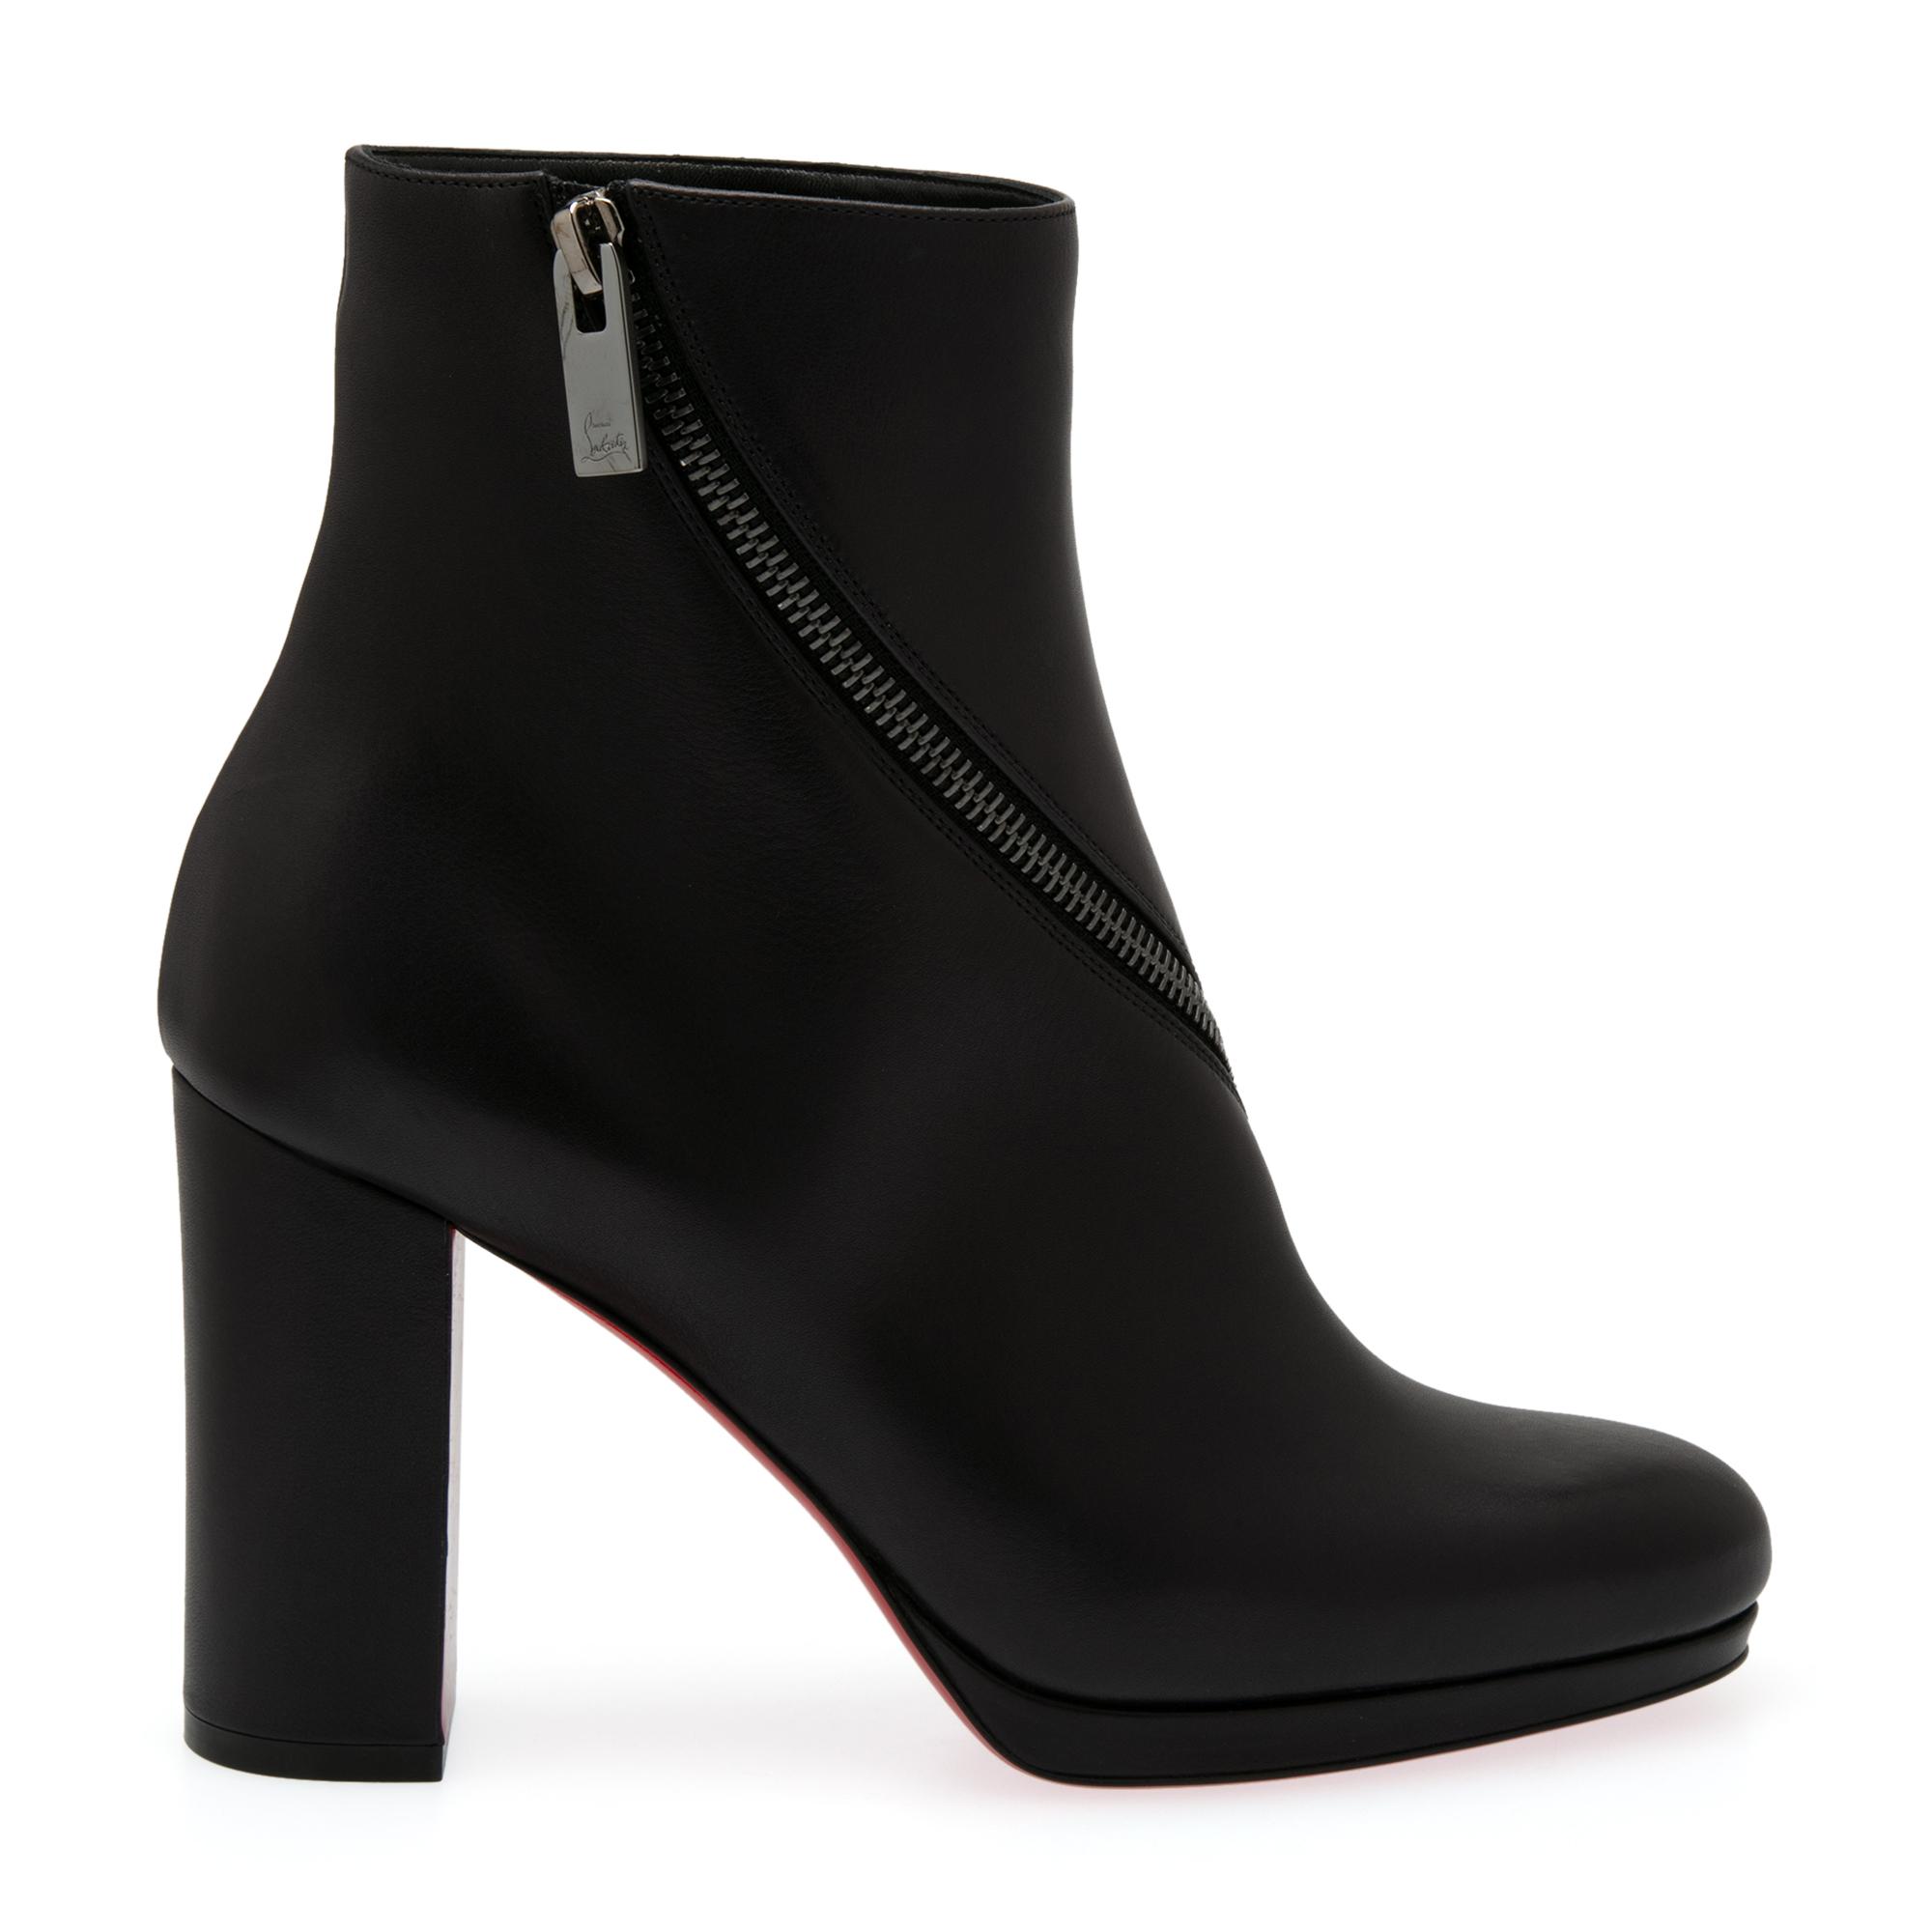 Birgitta 100 ankle boots